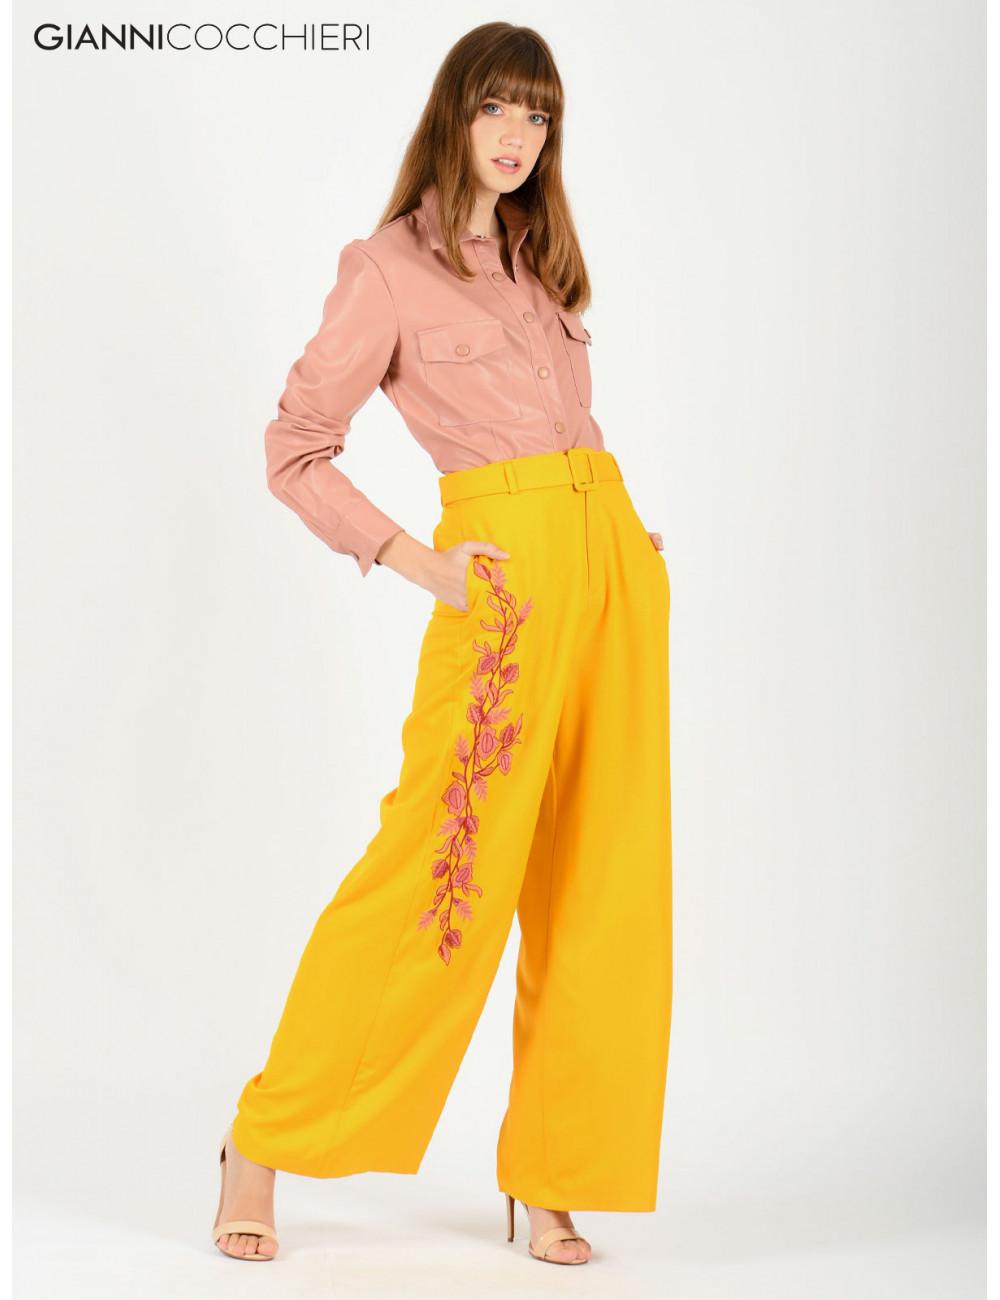 calça pantalona amarela bordada